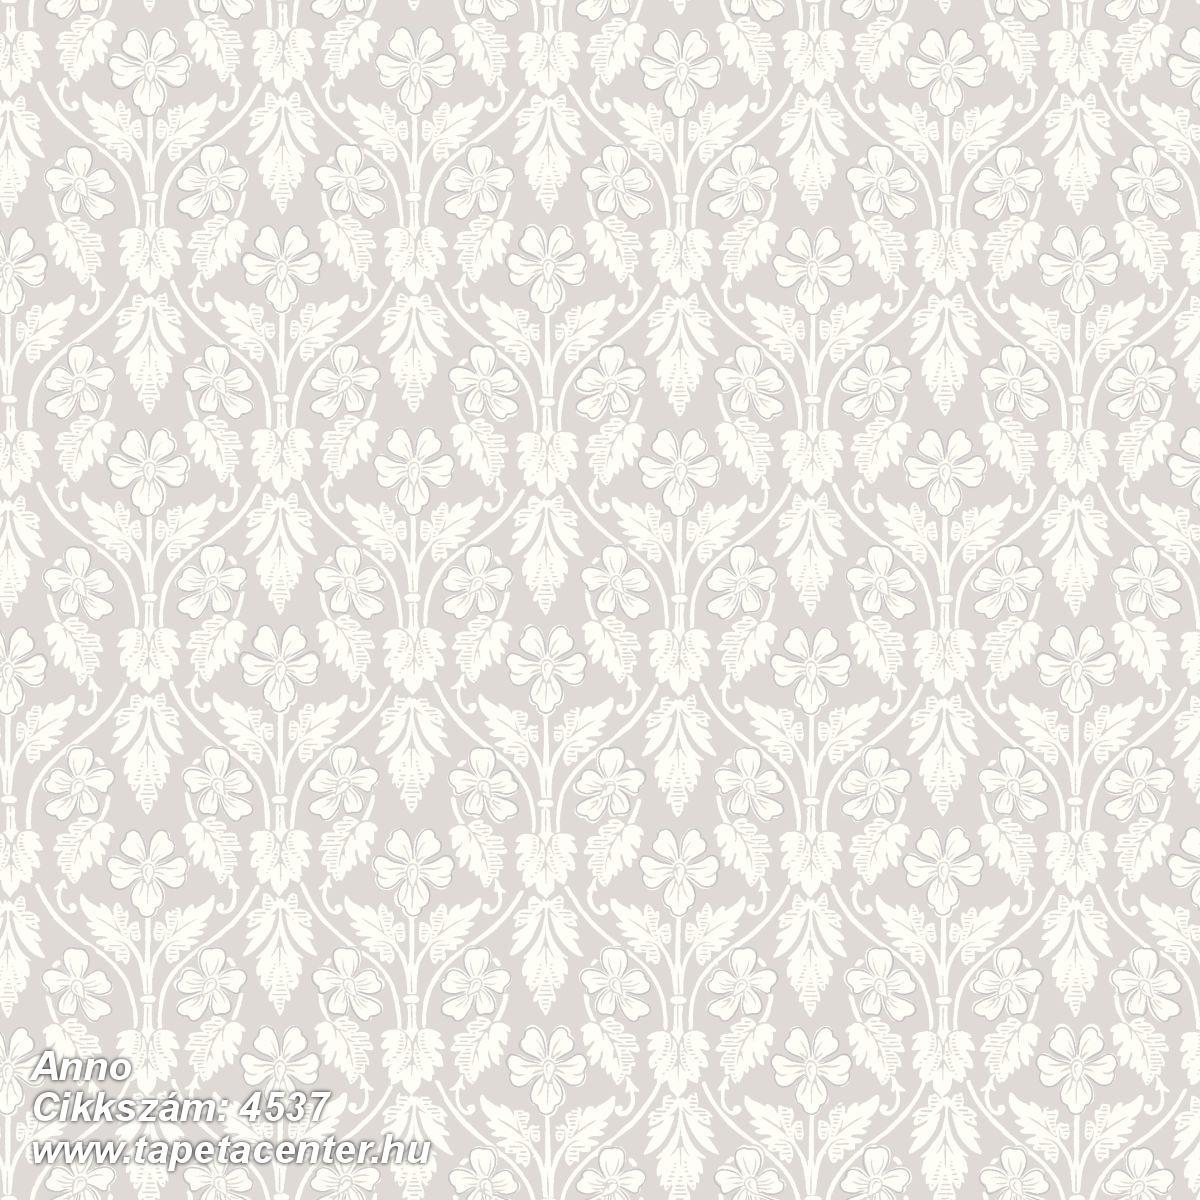 Barokk-klasszikus,bézs-drapp,szürke,lemosható,vlies tapéta